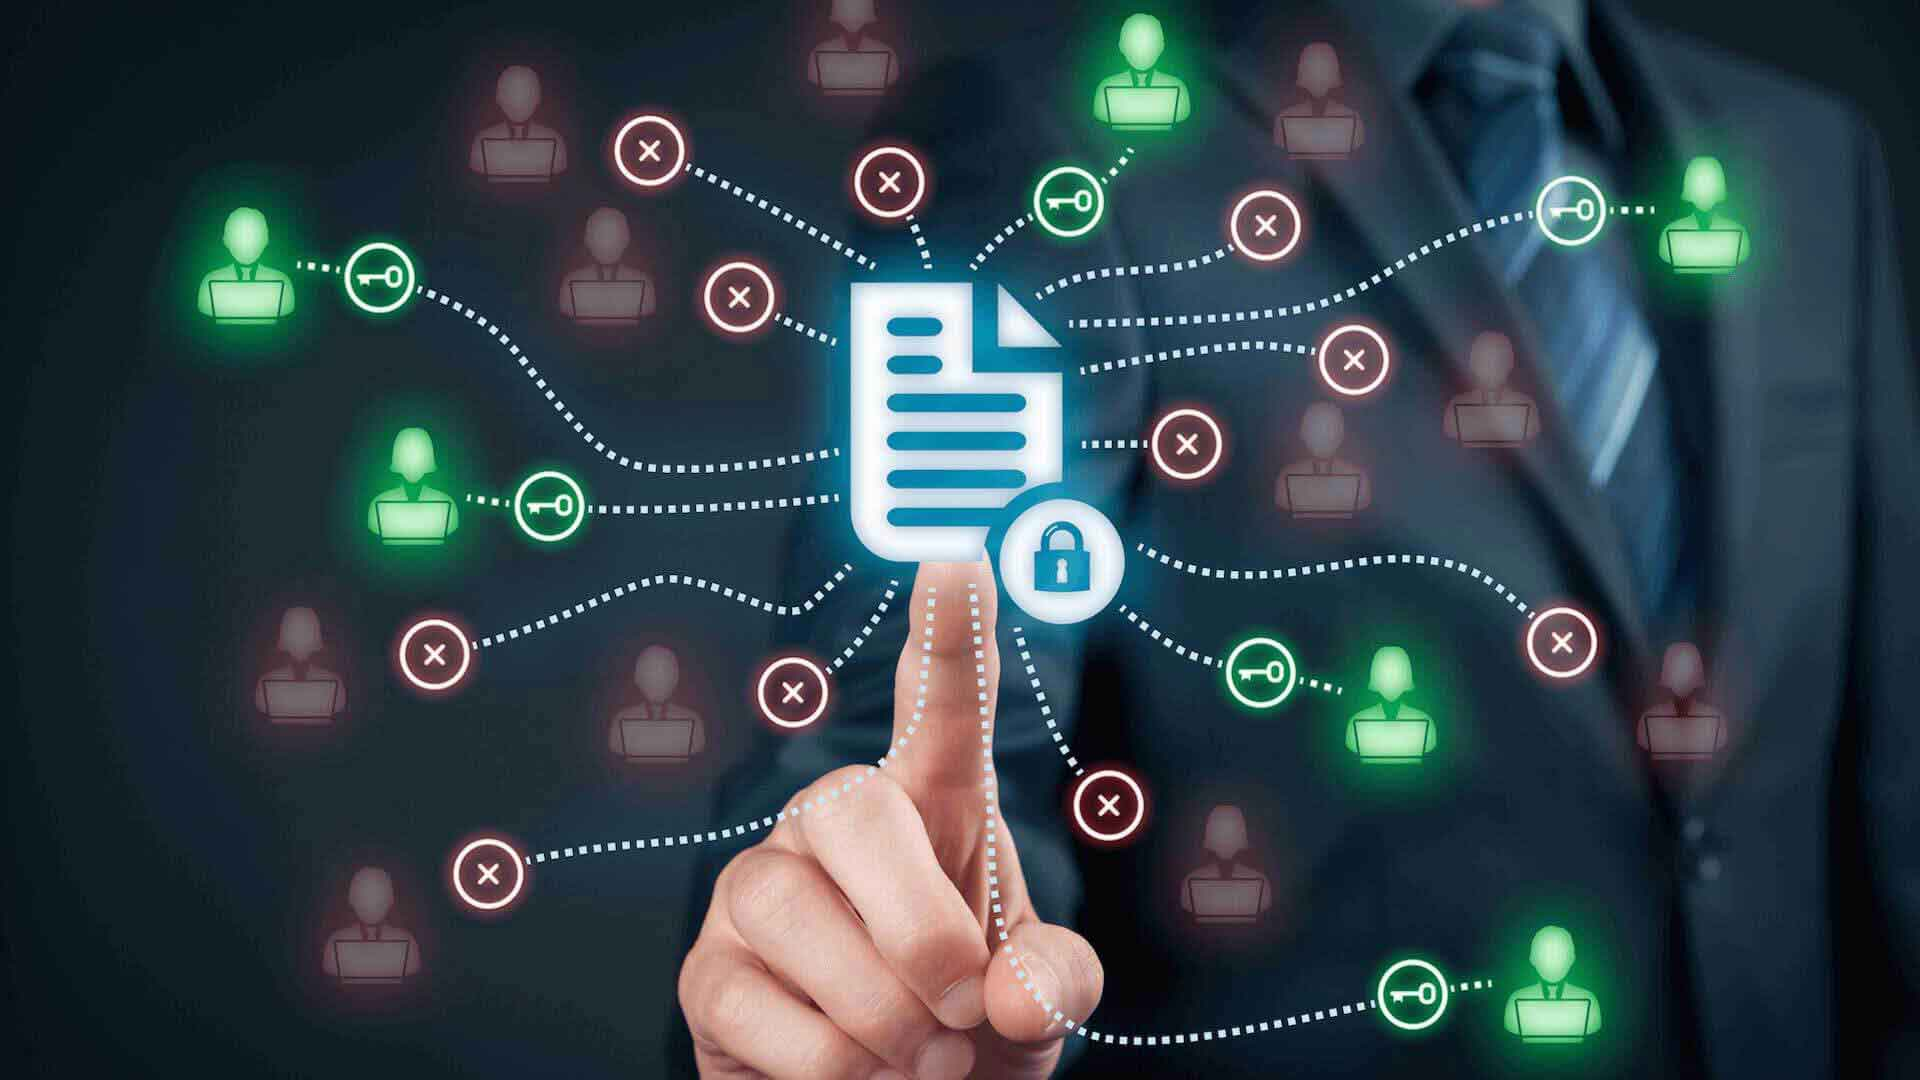 Закон 152-ФЗ «О персональных данных». Что нужно делать владельцам сайтов